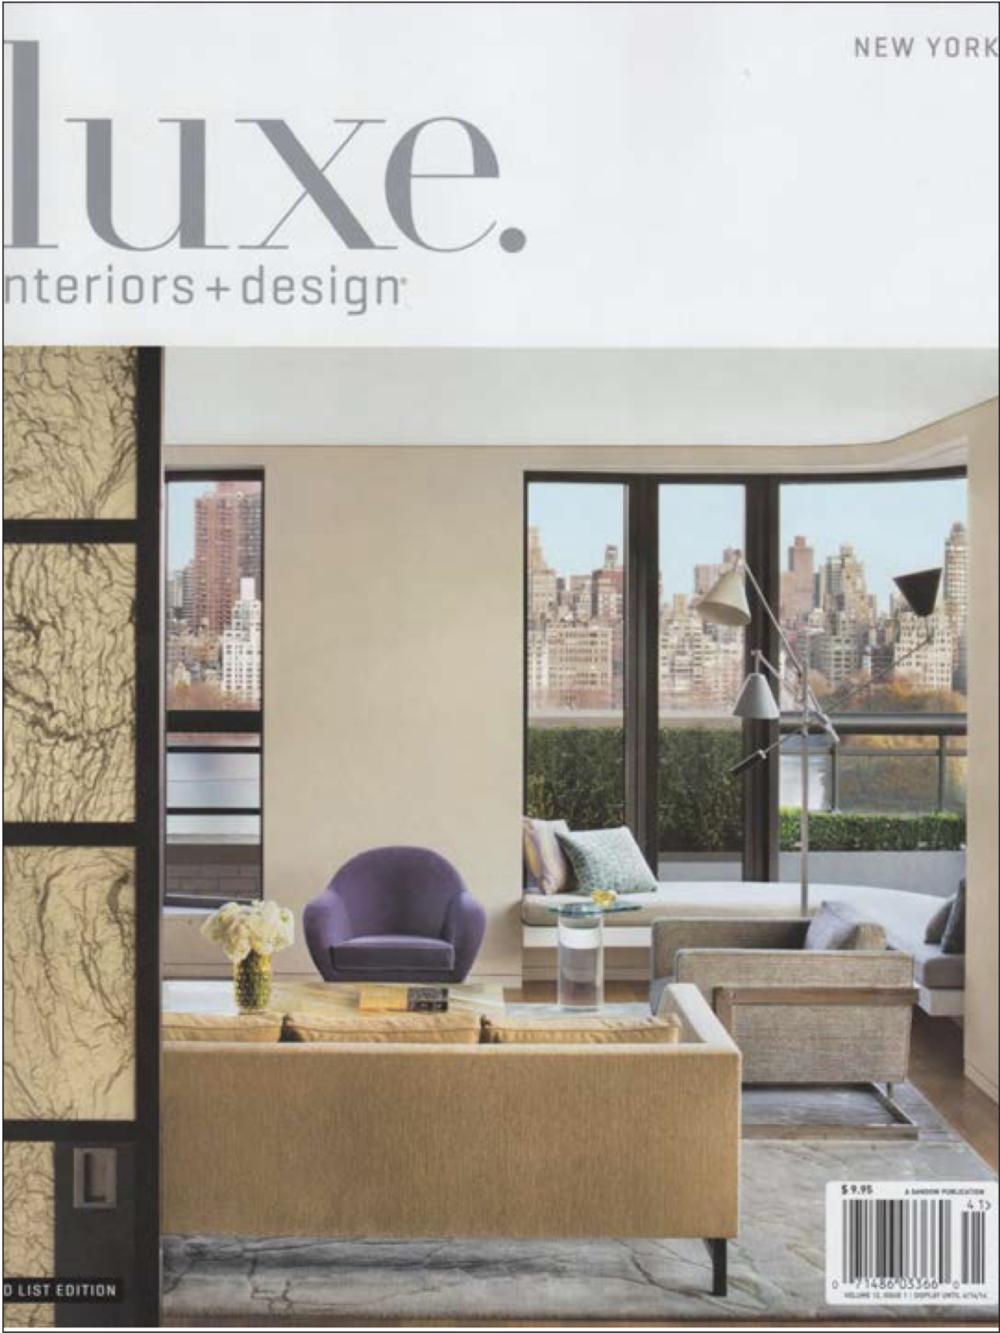 reeta-gyamlani-farrago-design-fluer Luxe winter 2014 cover